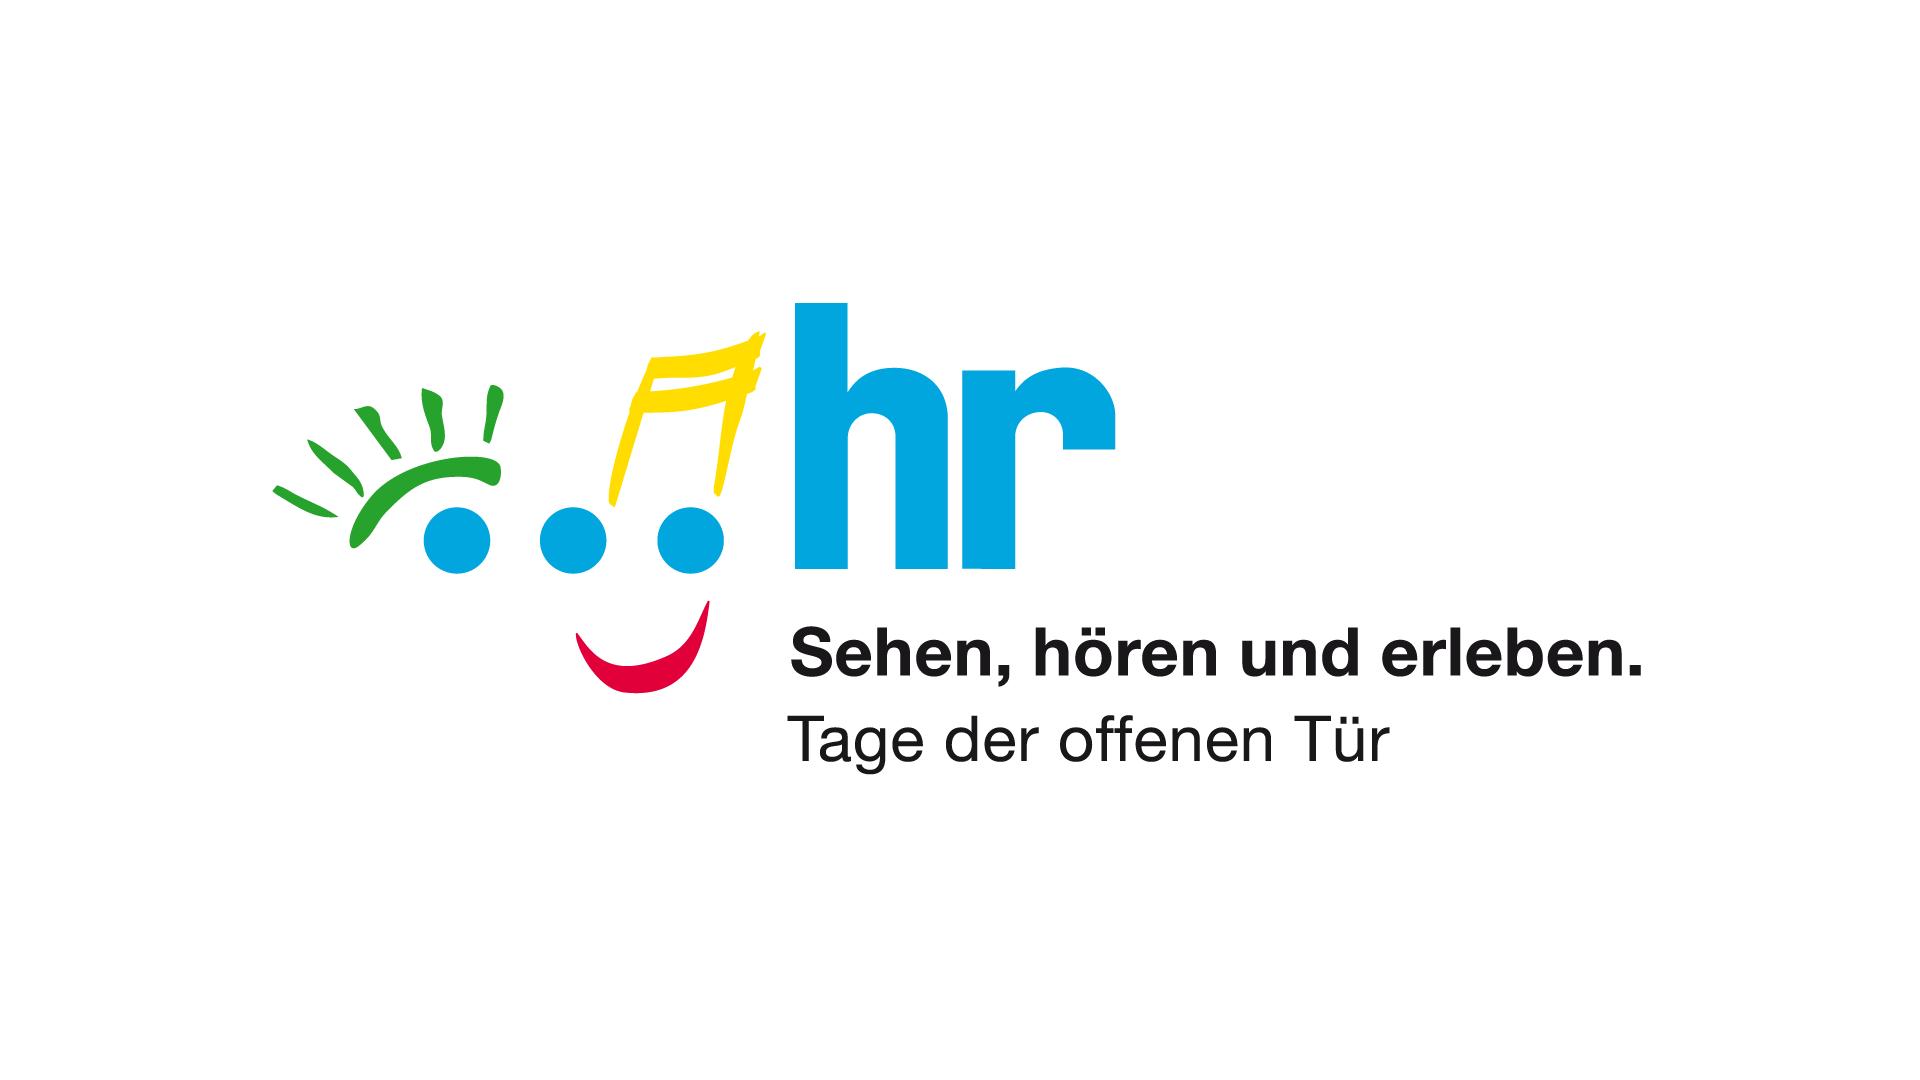 Hessischer Rundfunk Frankfurt. Sehen, hören und erleben. Logo